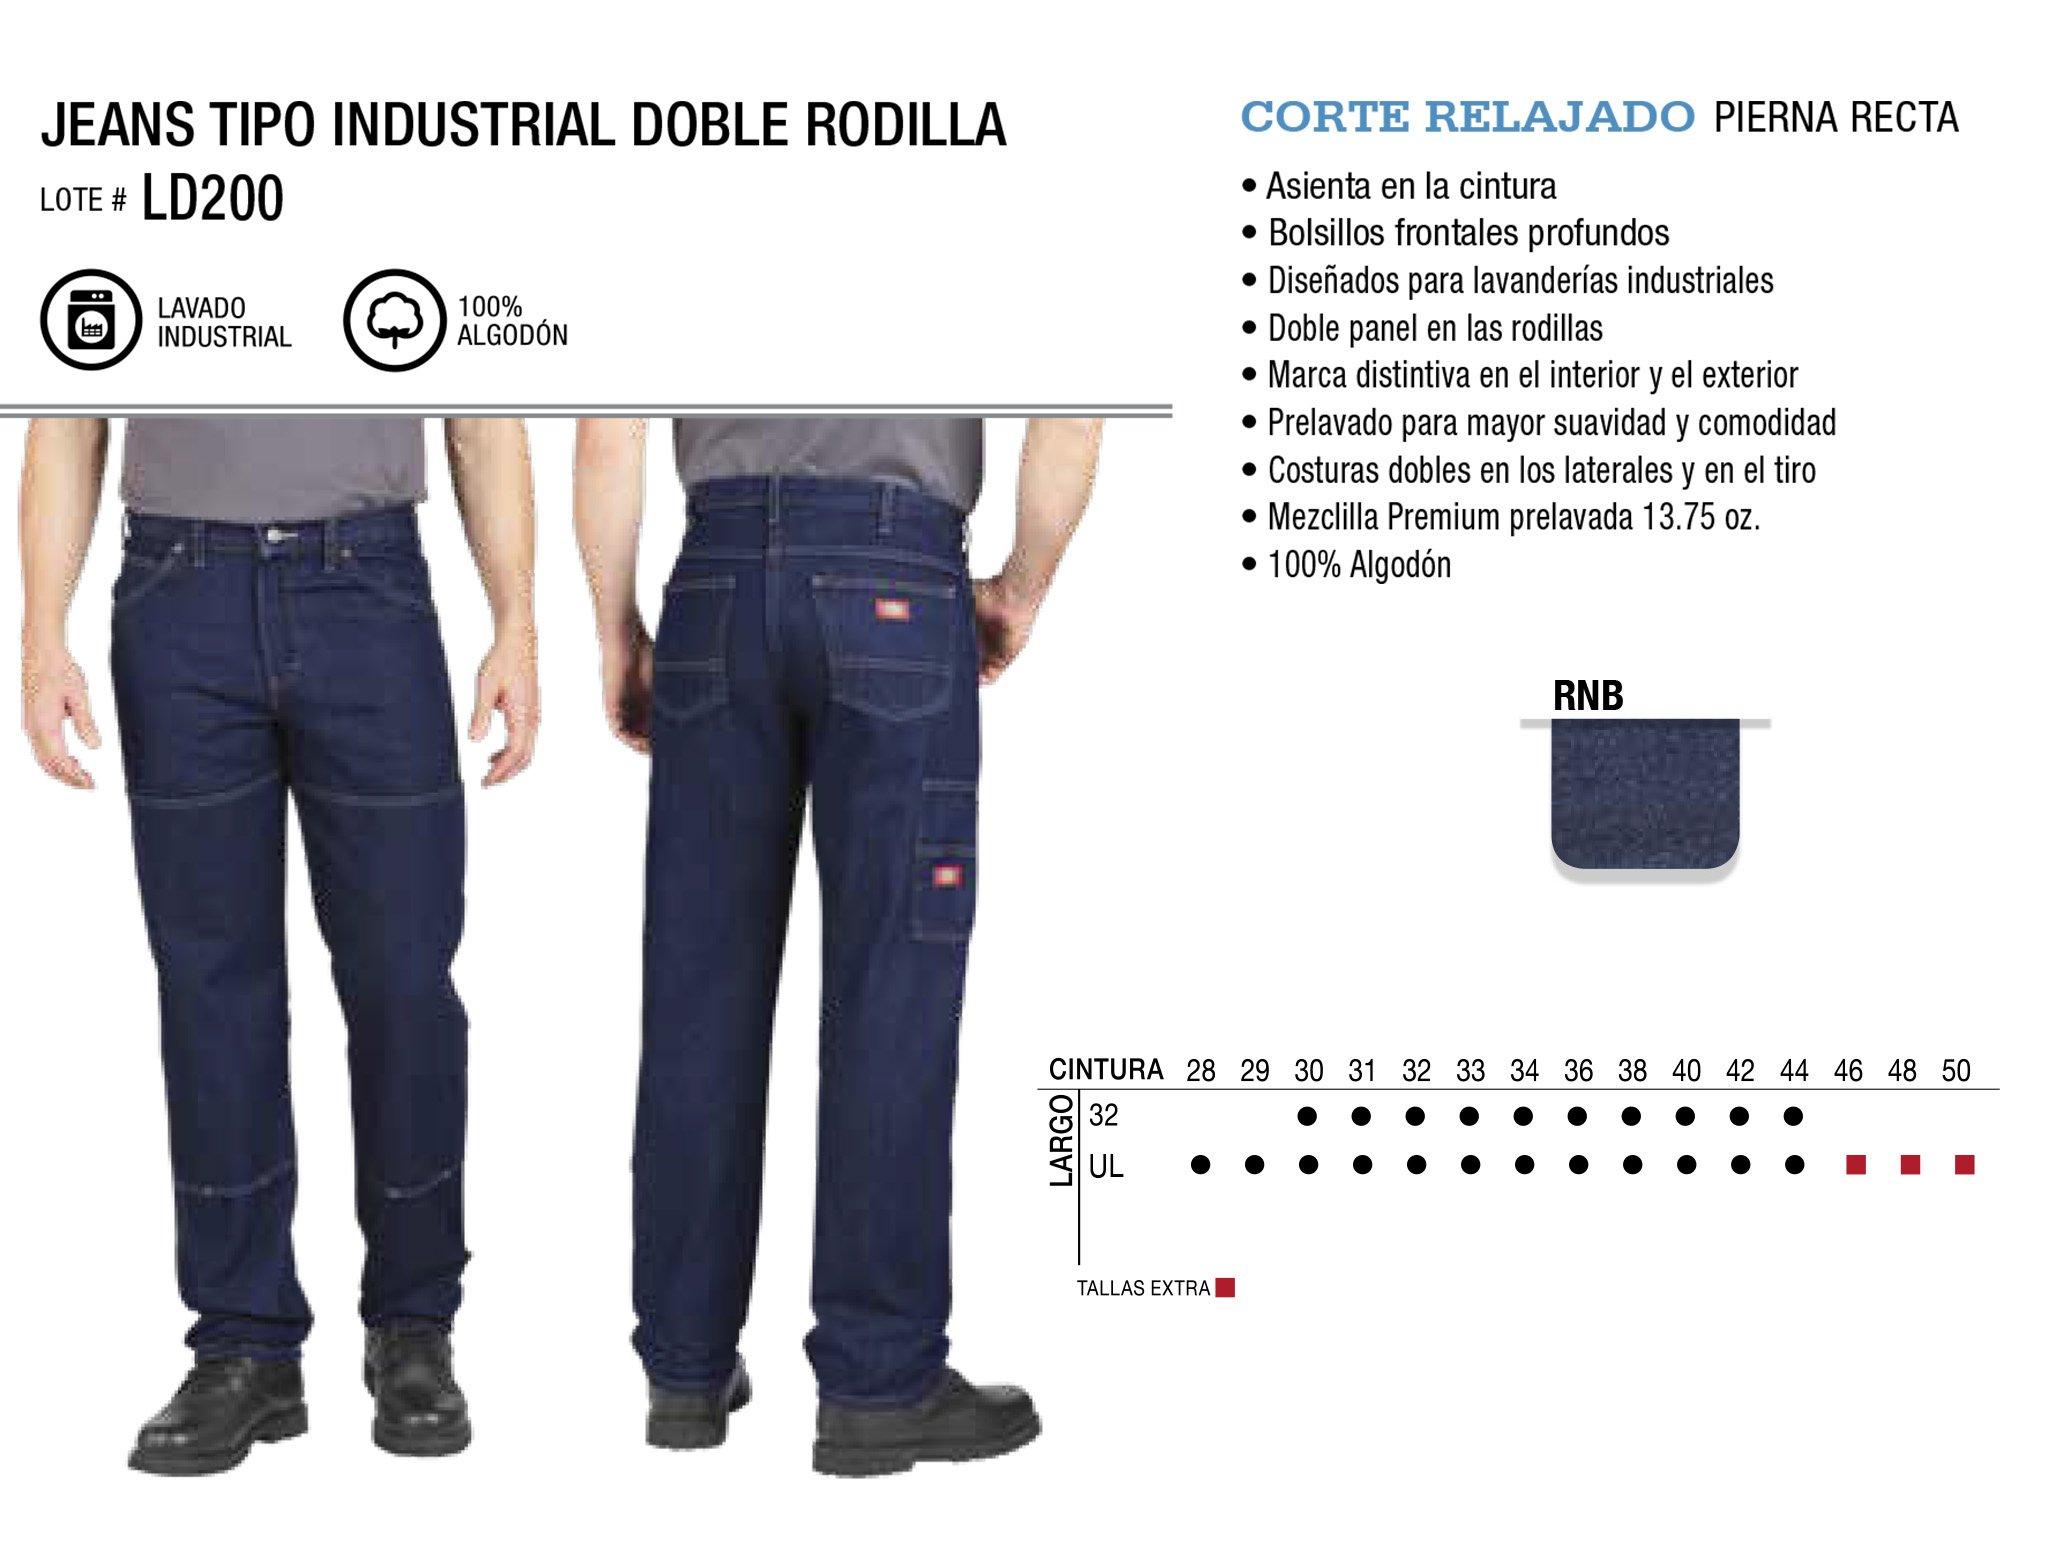 Jeans Tipo Industrial Doble Rodilla. Corte Relajado. LD200.